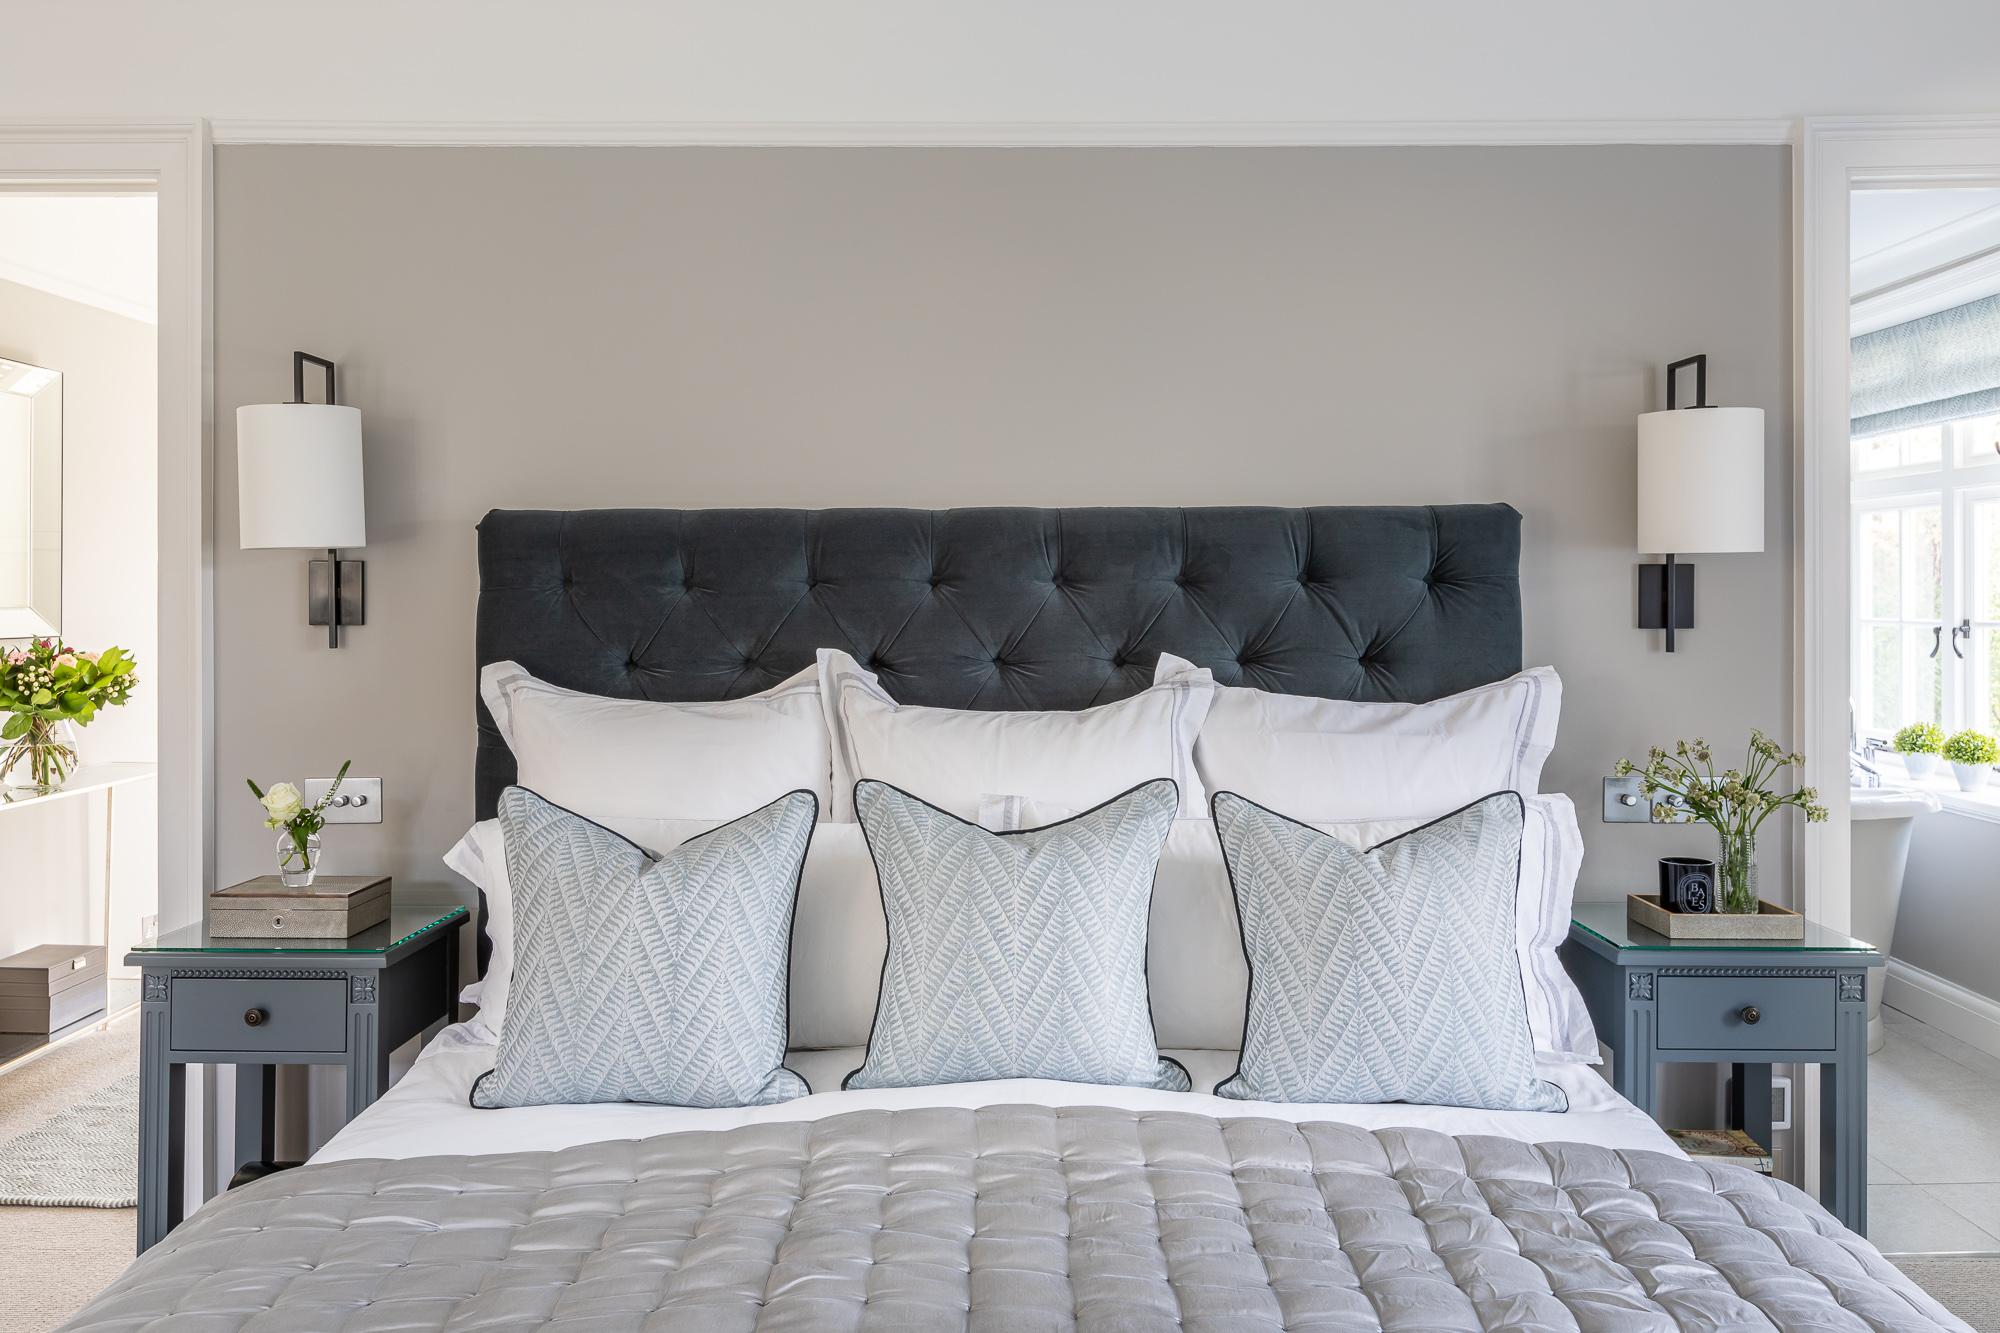 jonathan bond, interior photographer, double bed in bedroom, great missenden, buckinghamshire